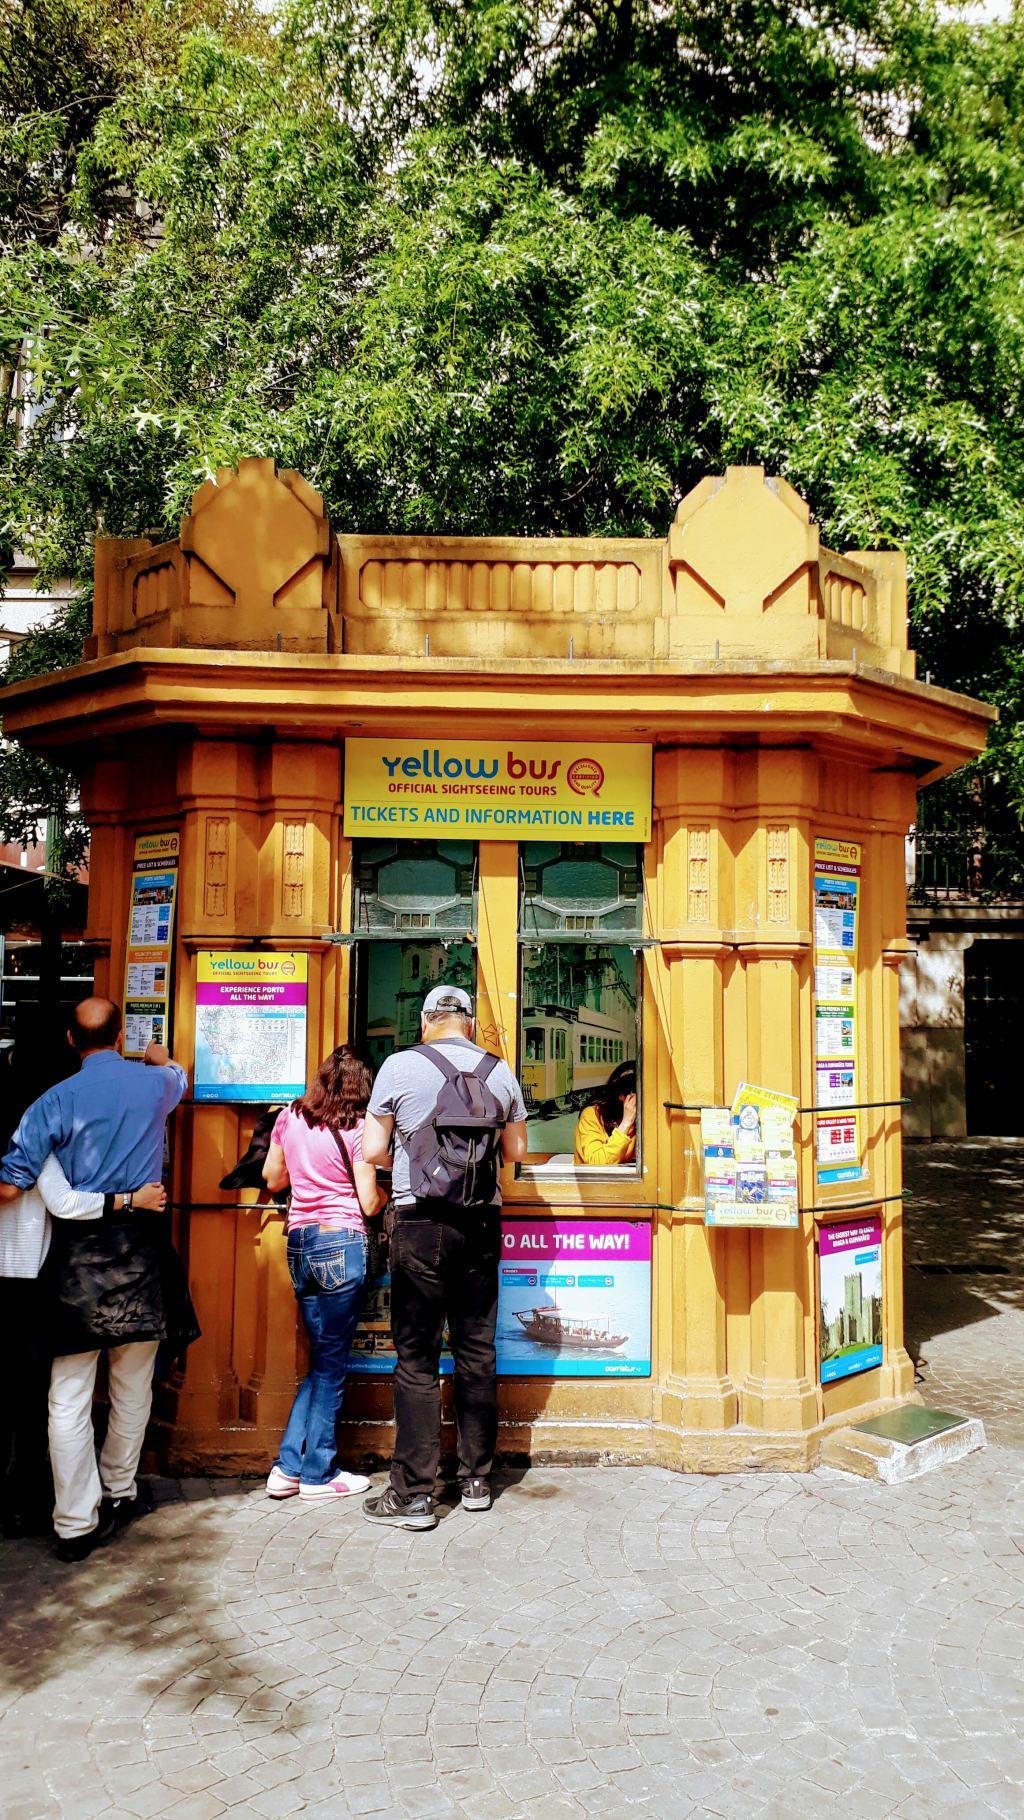 Yellow Bus Kiosk am Praça da Liberdade